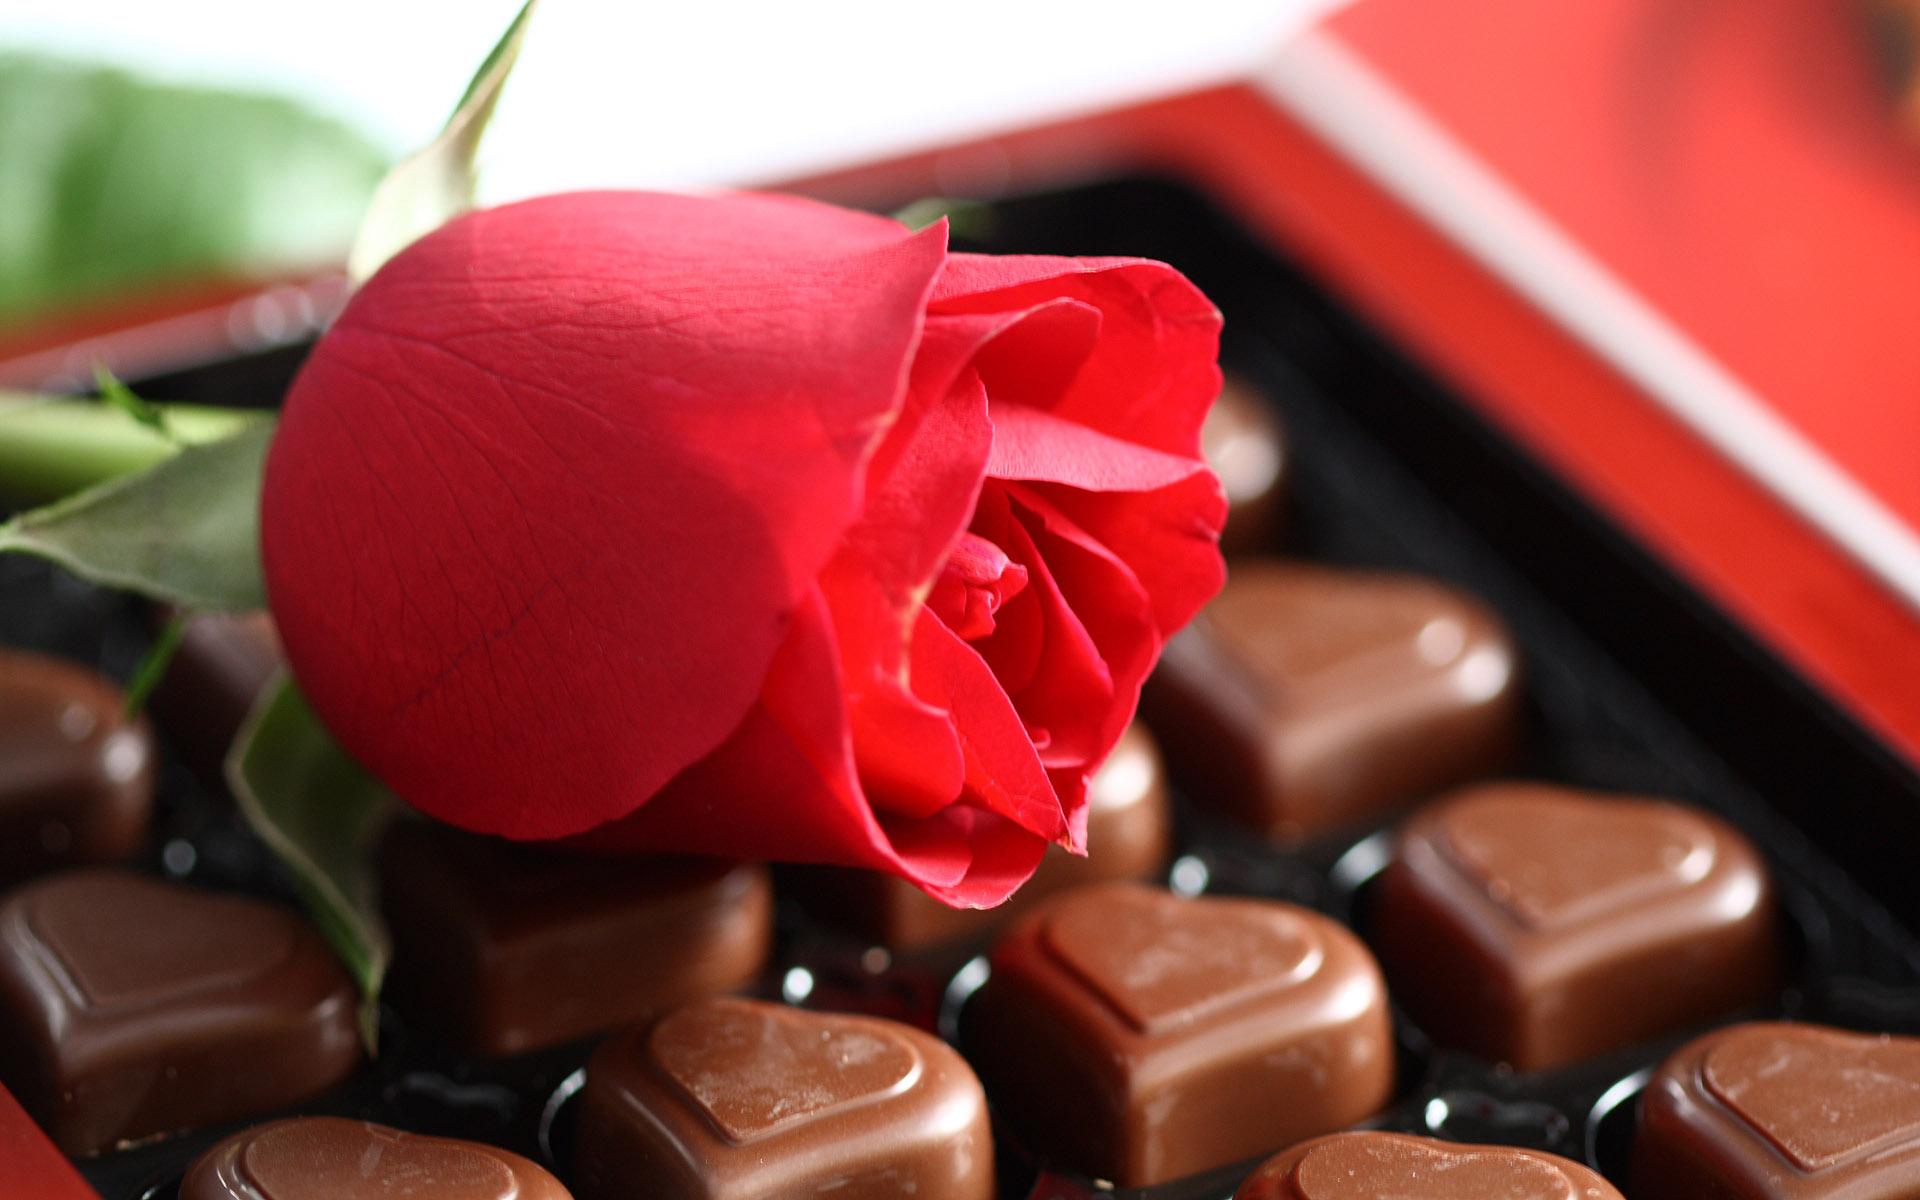 Tải ảnh Socola Valentine 2020 đẹp lãng mạn